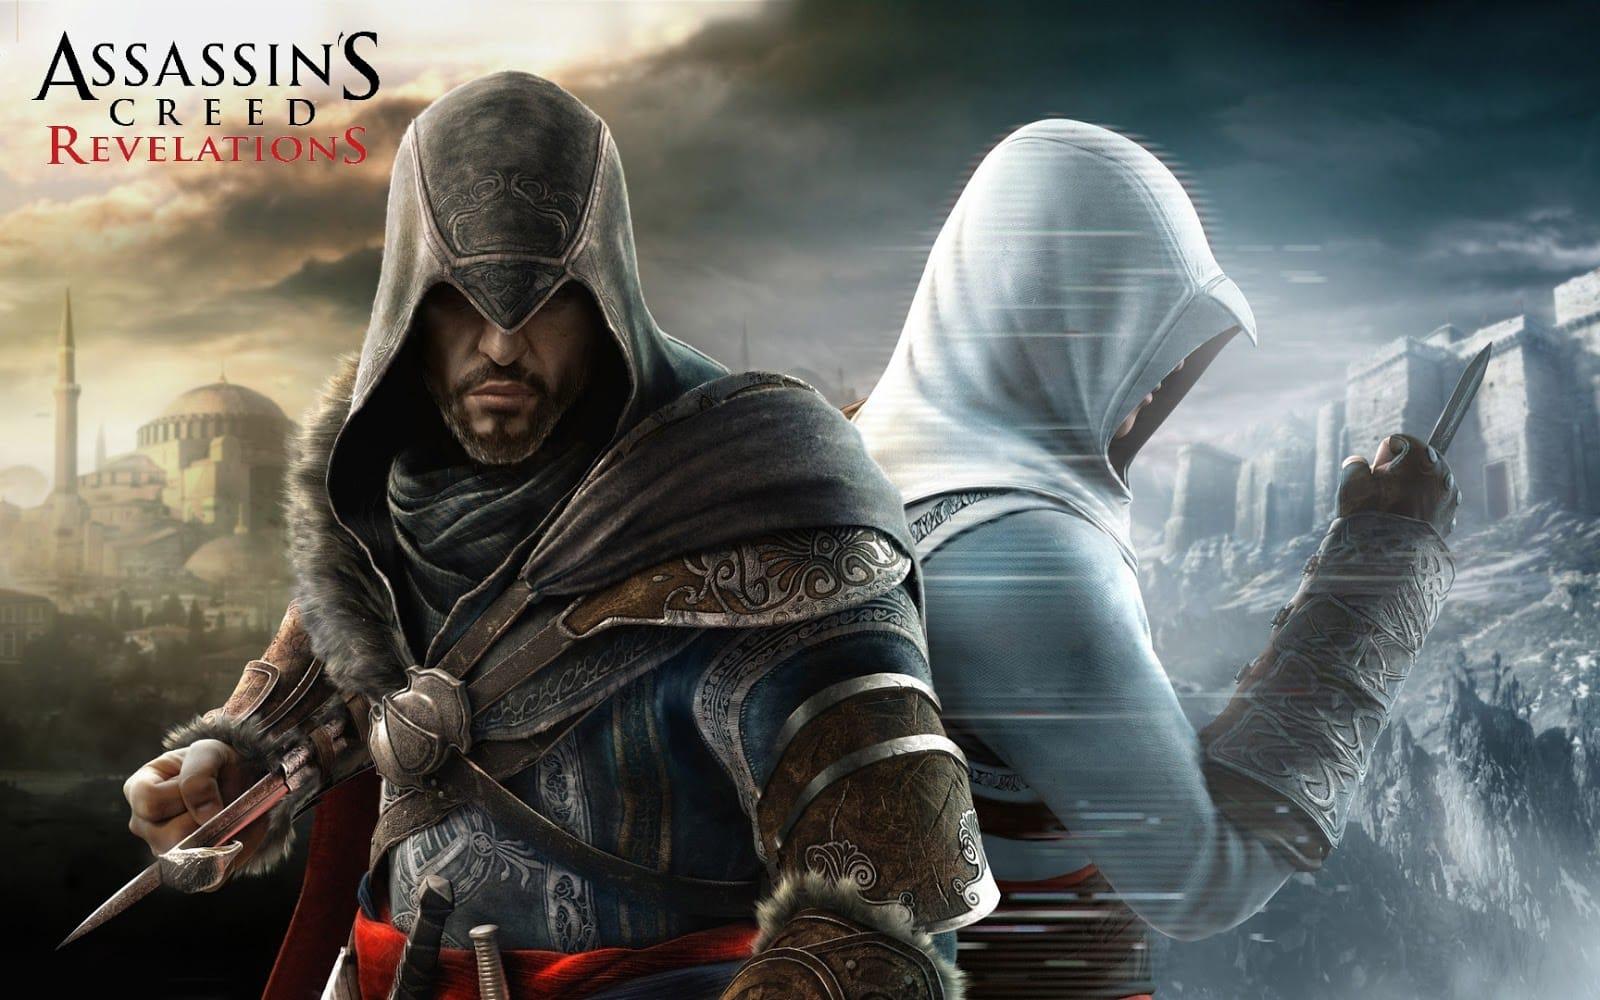 Assassin's Creed: Revelations telecharger gratuit de PC et Torrent